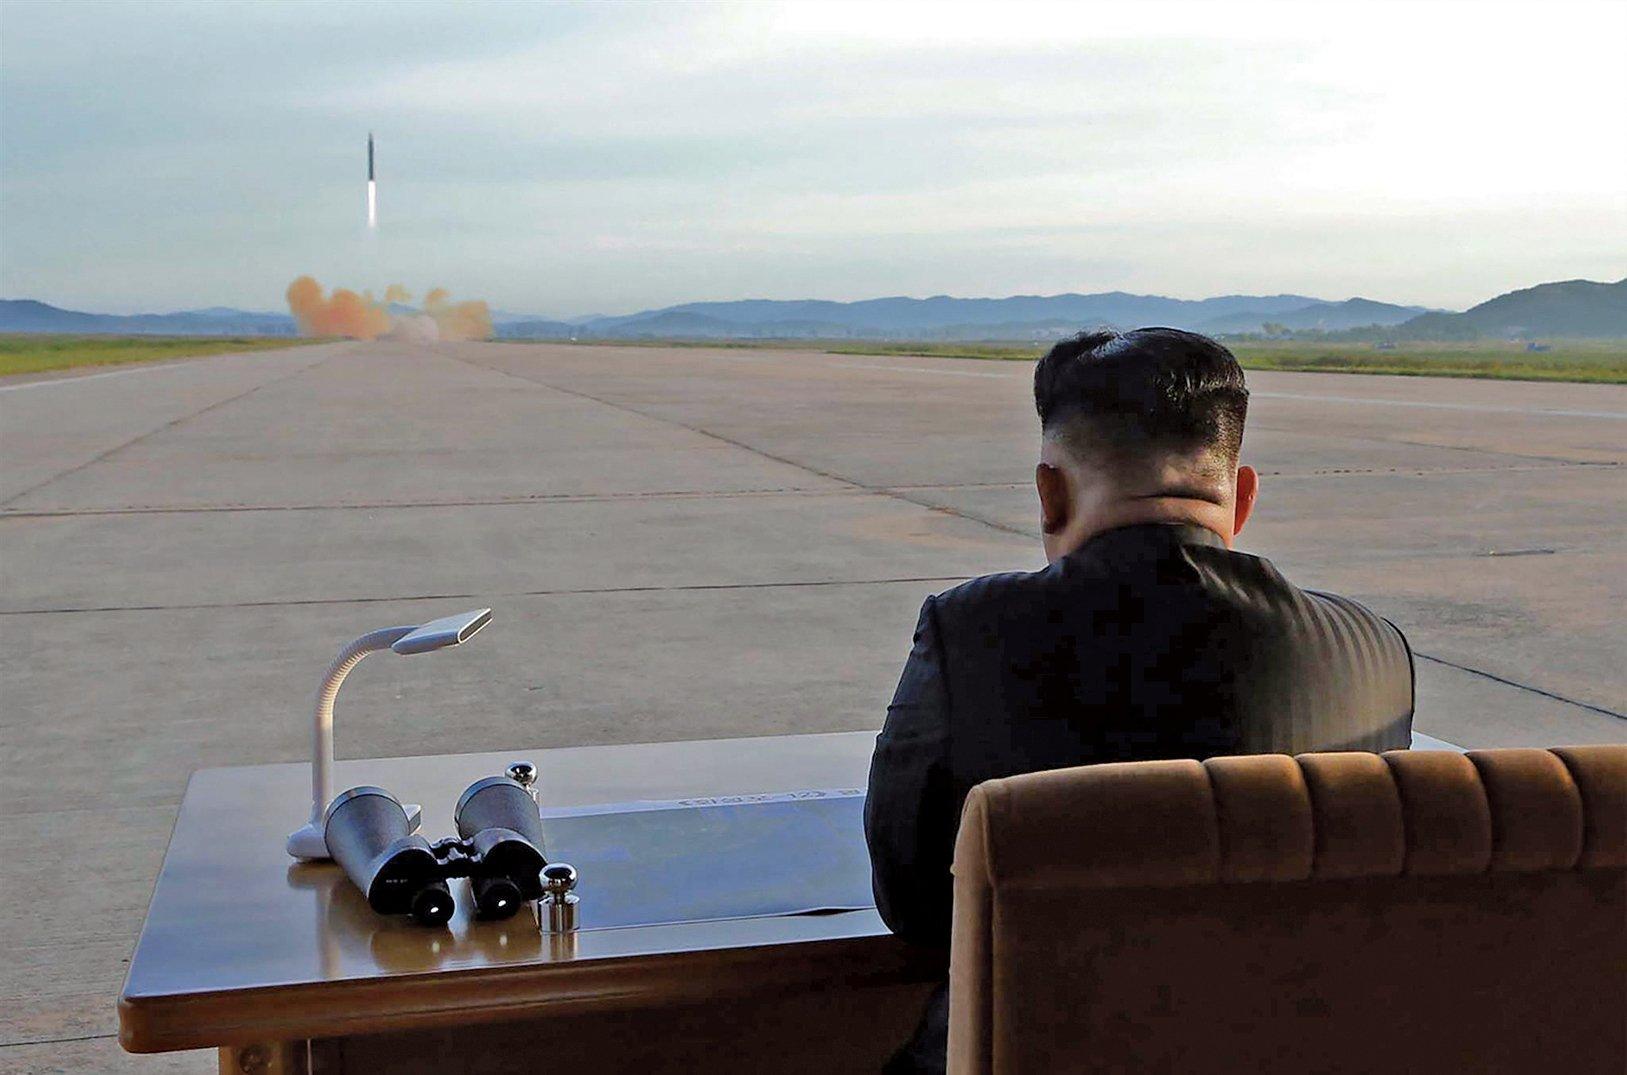 韓聯社援引消息稱,美國要求北韓將部份核武和長程導彈運出該國。圖為北韓領導人金正恩於2017年9月15日觀看導彈發射。(AFP)